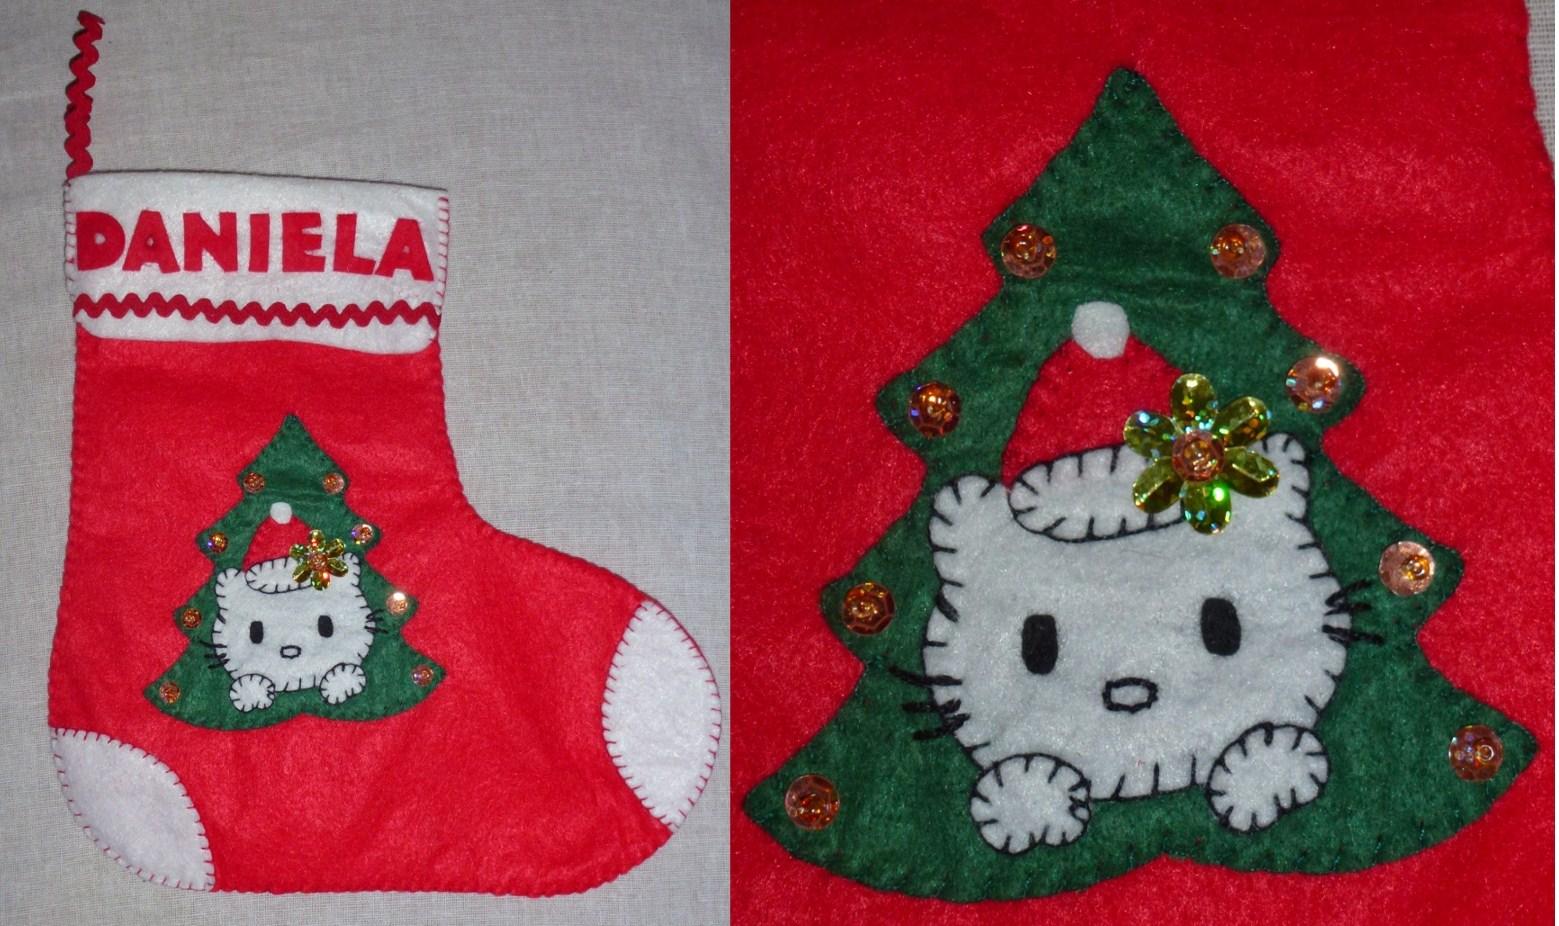 Creaciones en fieltro lorovi calcetin de navidad para daniela - Calcetin de navidad ...